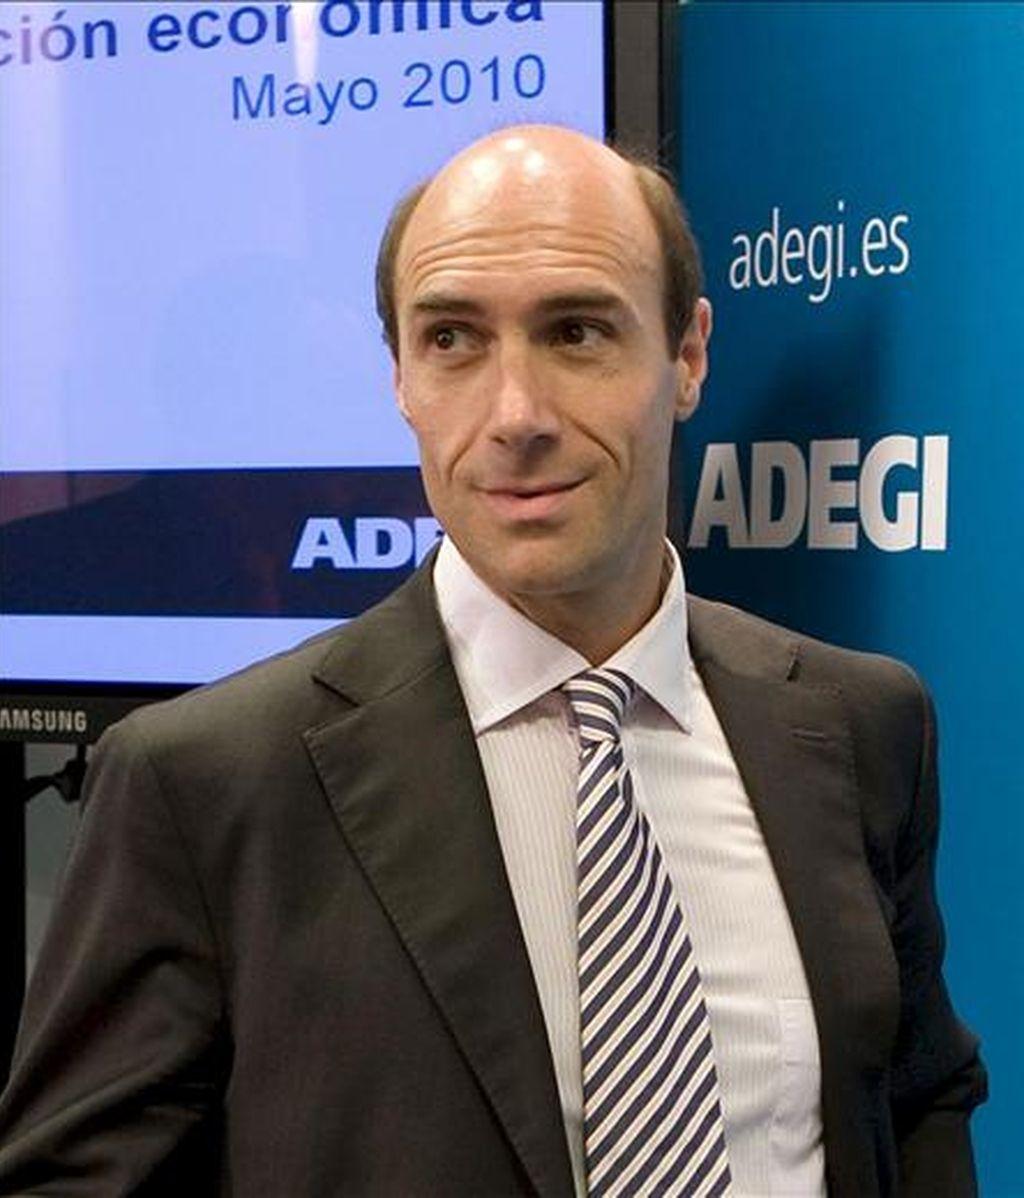 El presidente y el secretario general de Adegi, Eduardo Zubiaurre. EFE/Archivo